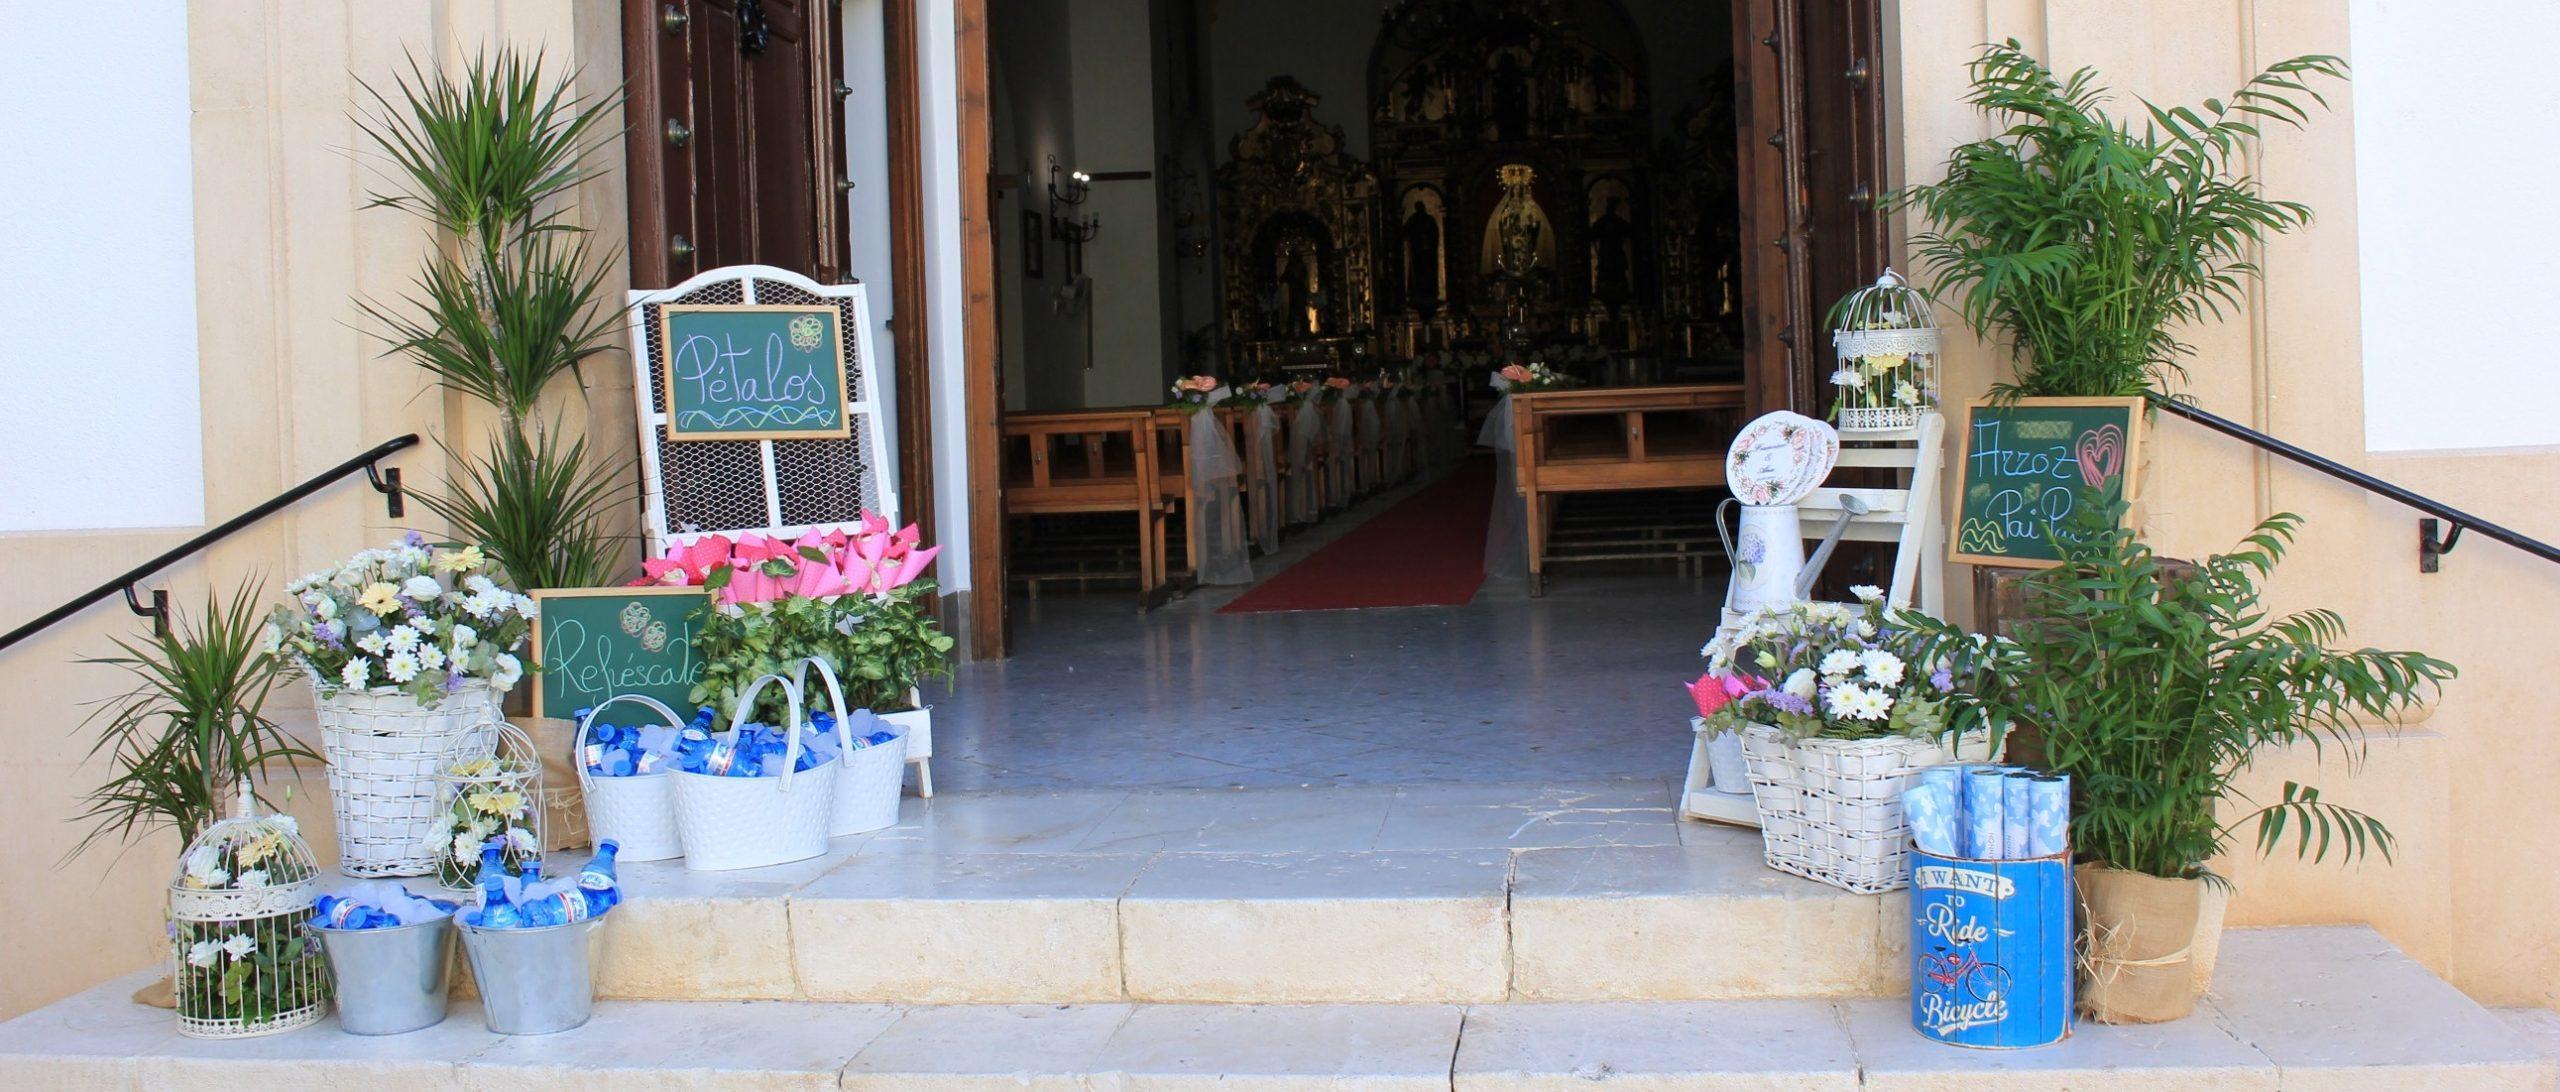 Decoracion ceremonia religiosa flores del patio